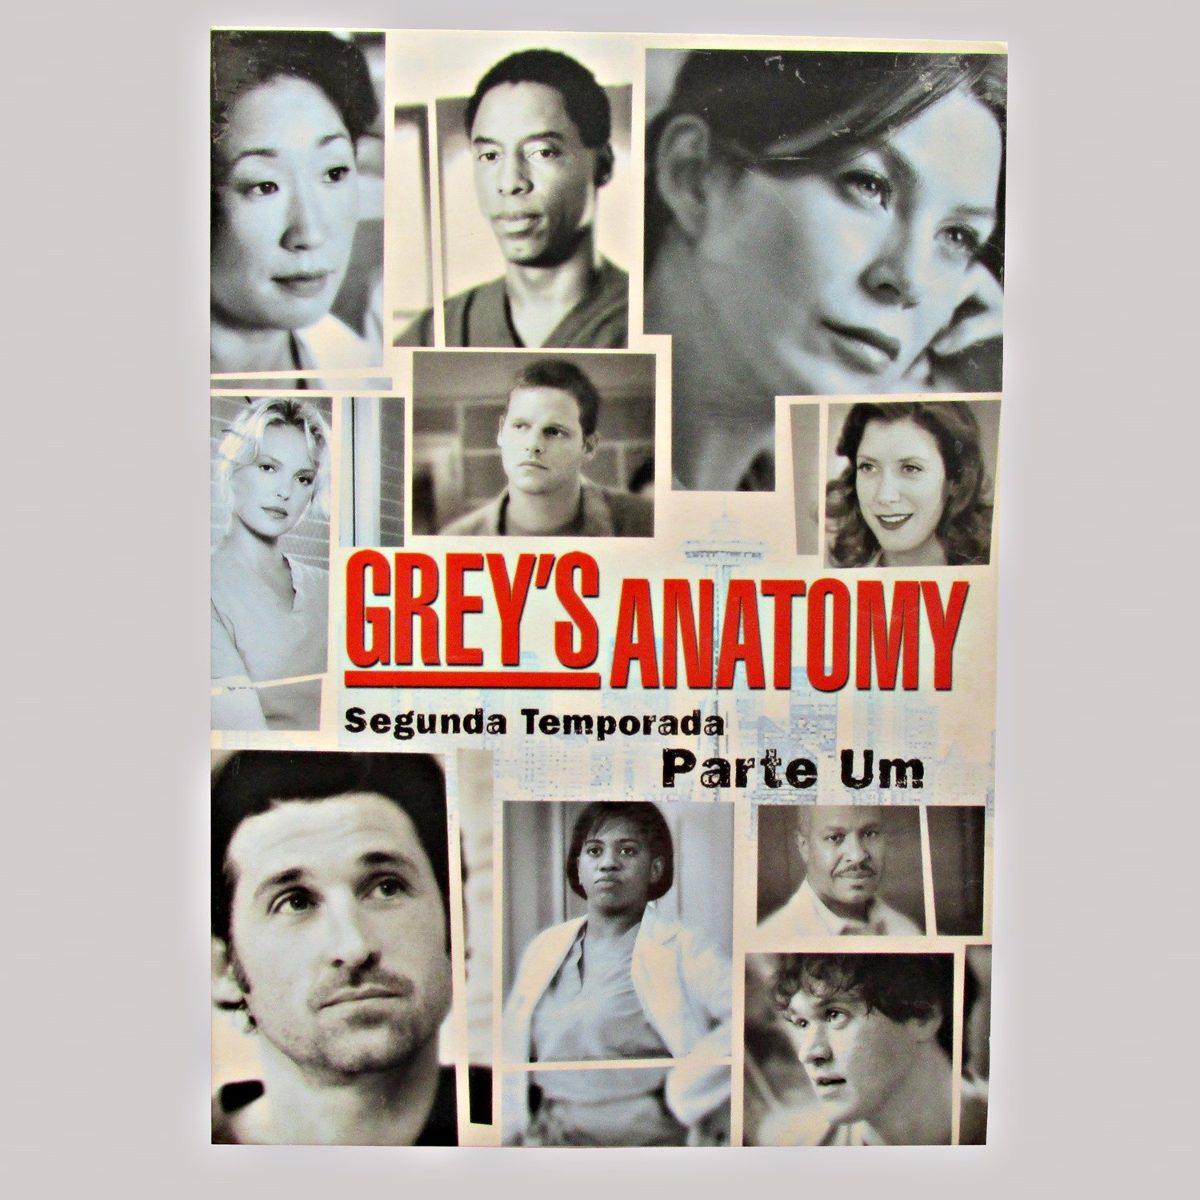 Dvd Greys Anatomy Segunda Temporada Parte 1 4 Discos R 4000